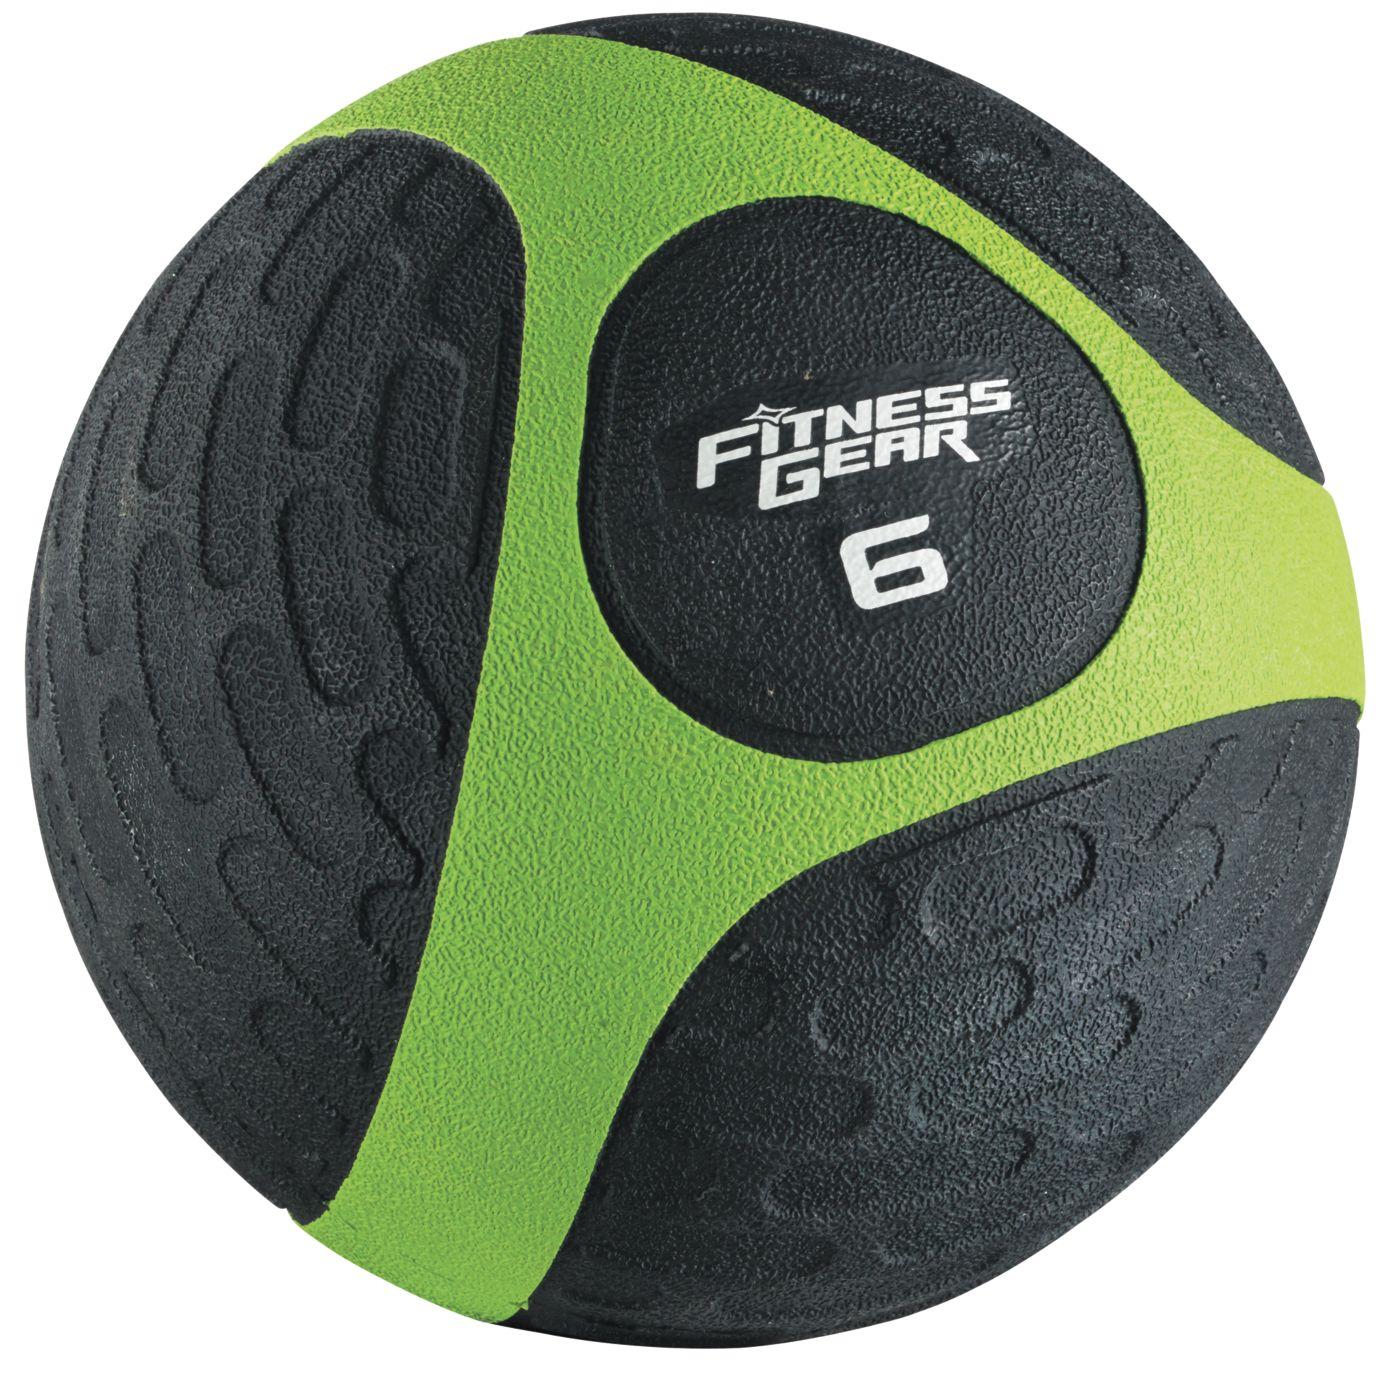 Fitness Gear 6 lb. Medicine Ball